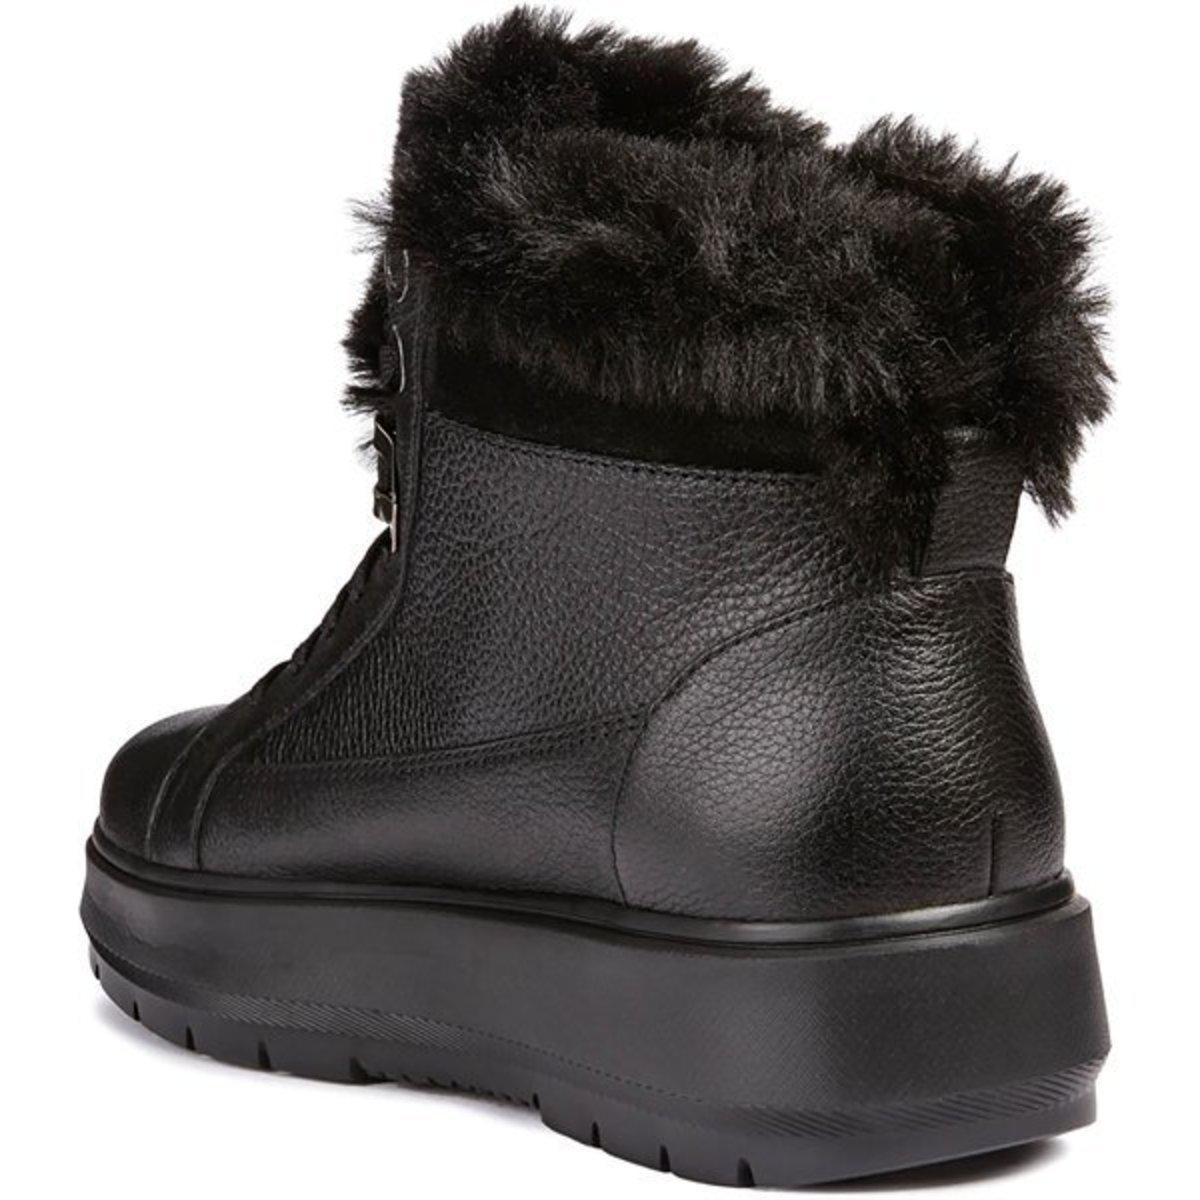 explique Formación martillo  Geox Fur D Kaula B Abx Women's Mid Boots In Black - Lyst